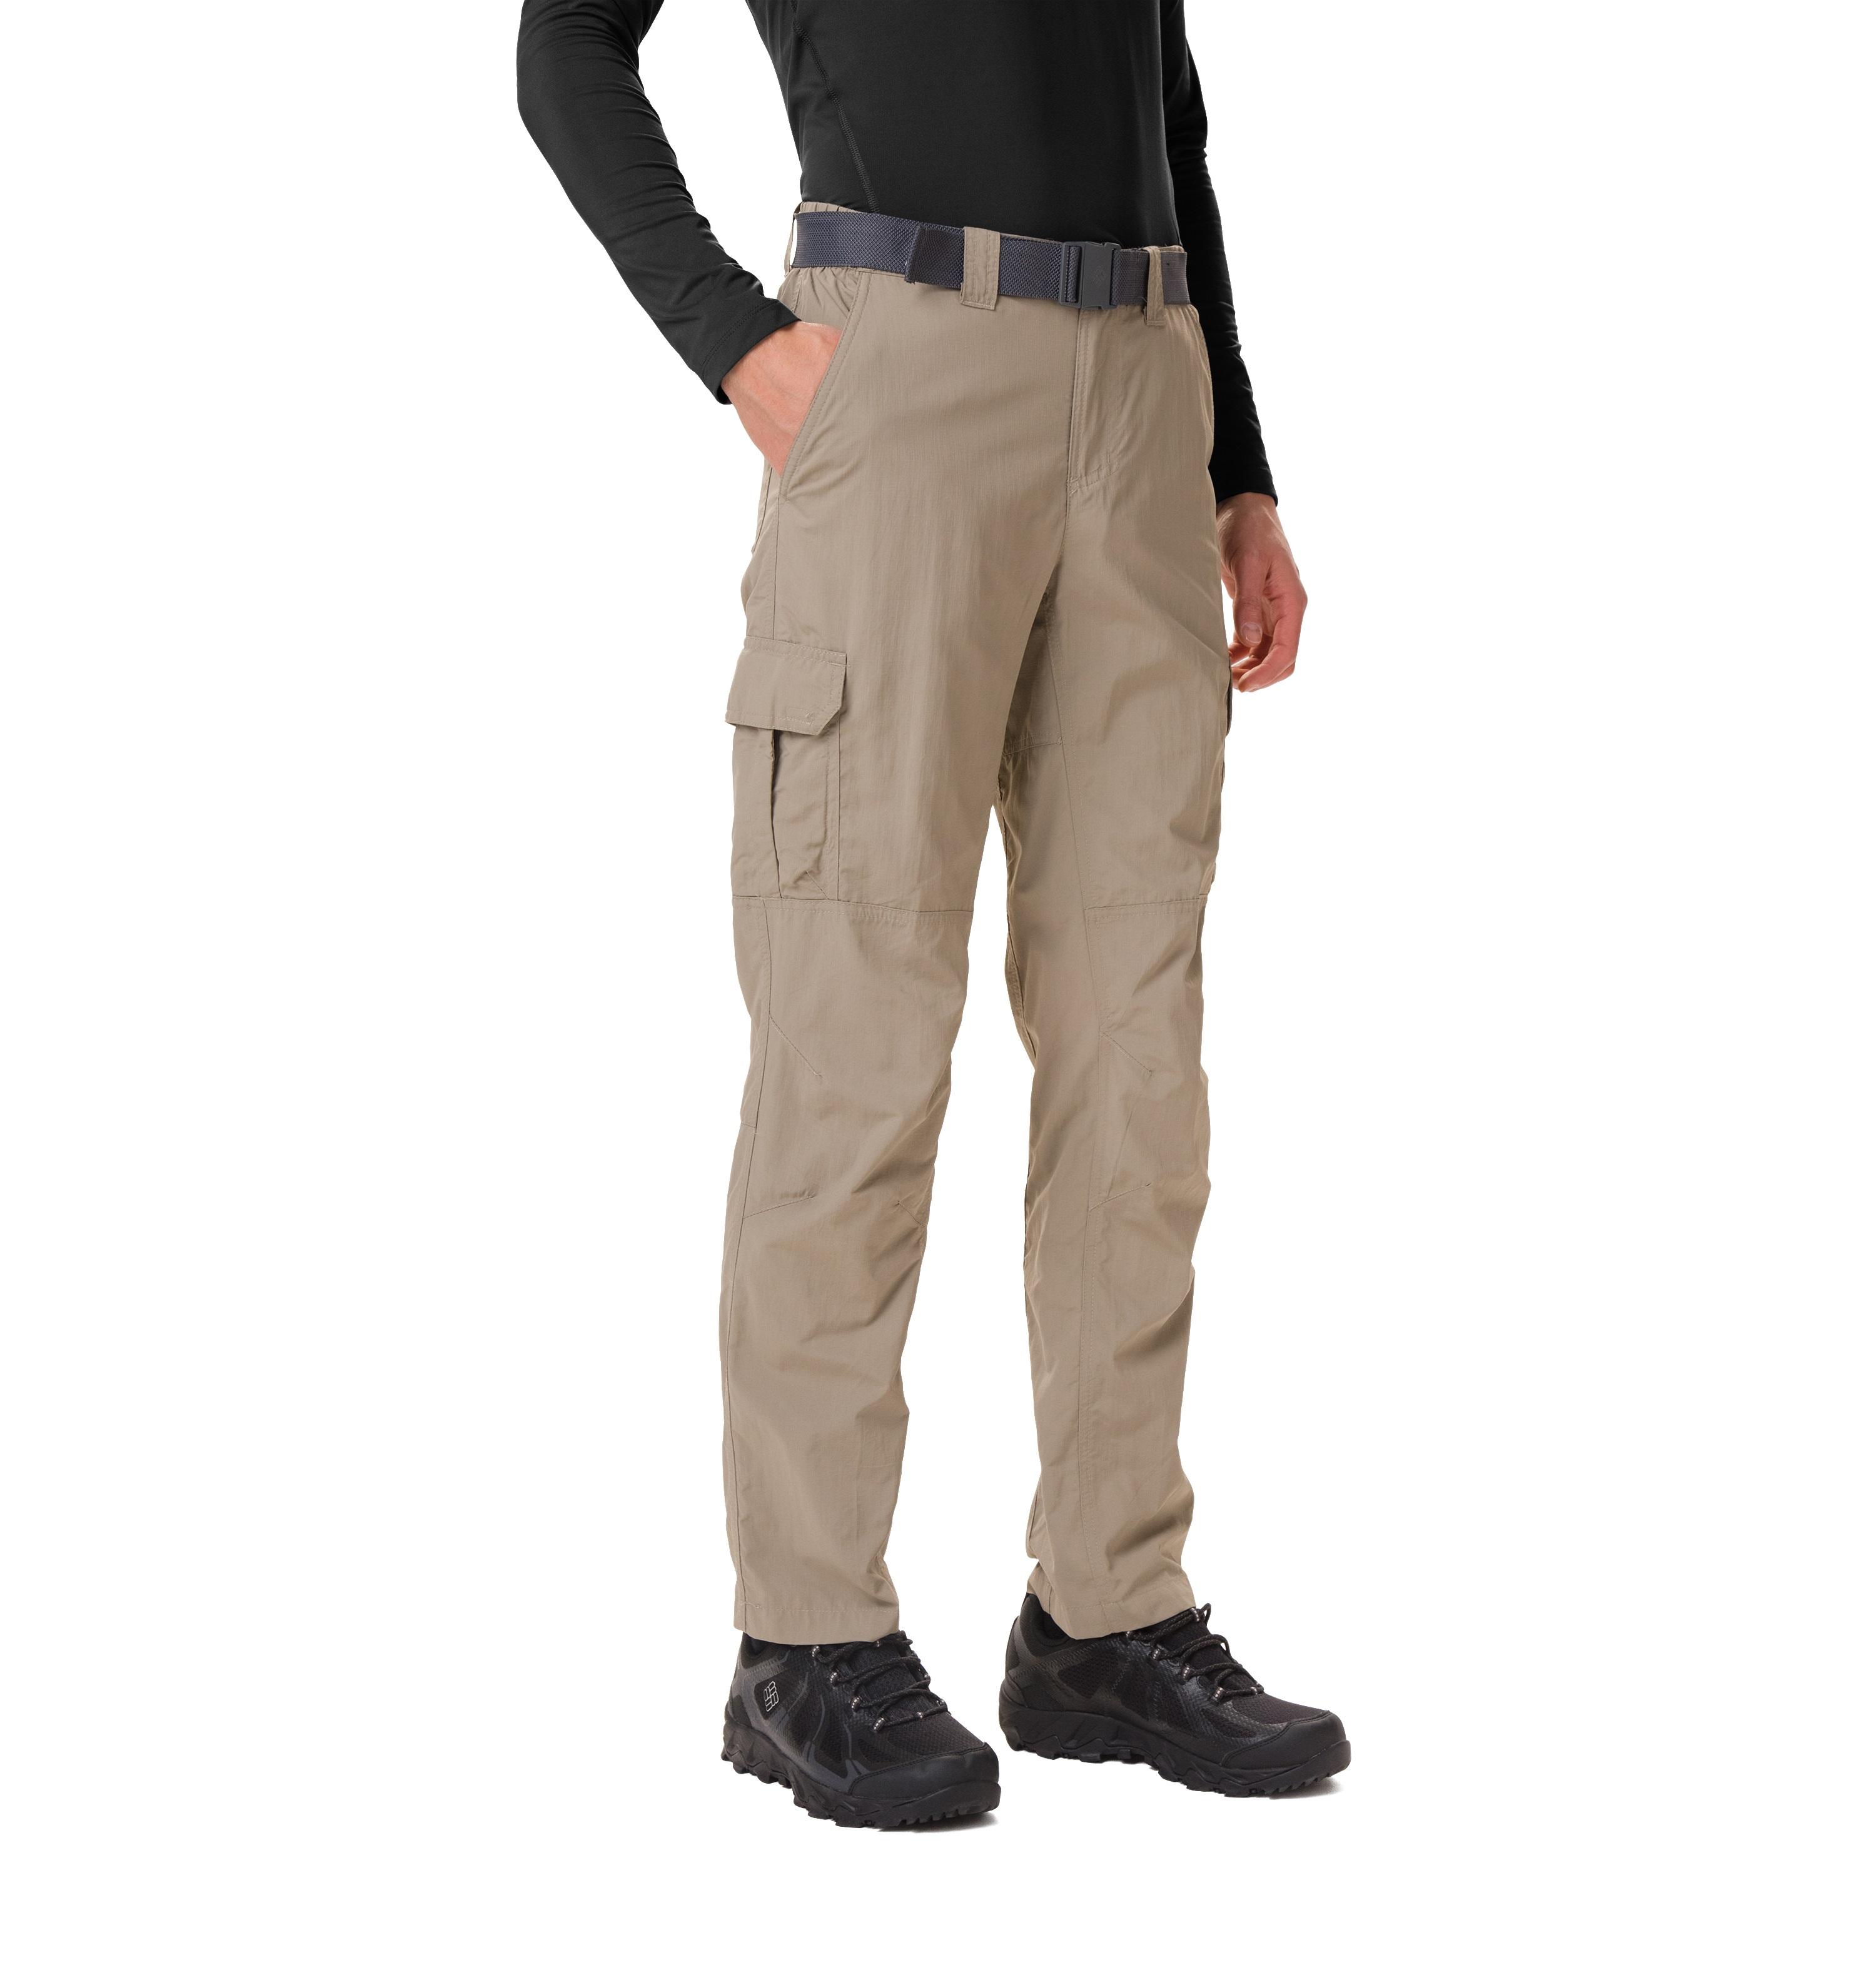 Comprar Columbia Silver Ridge II Cargo brown pants / Omni-Wick / Omni-Shade /